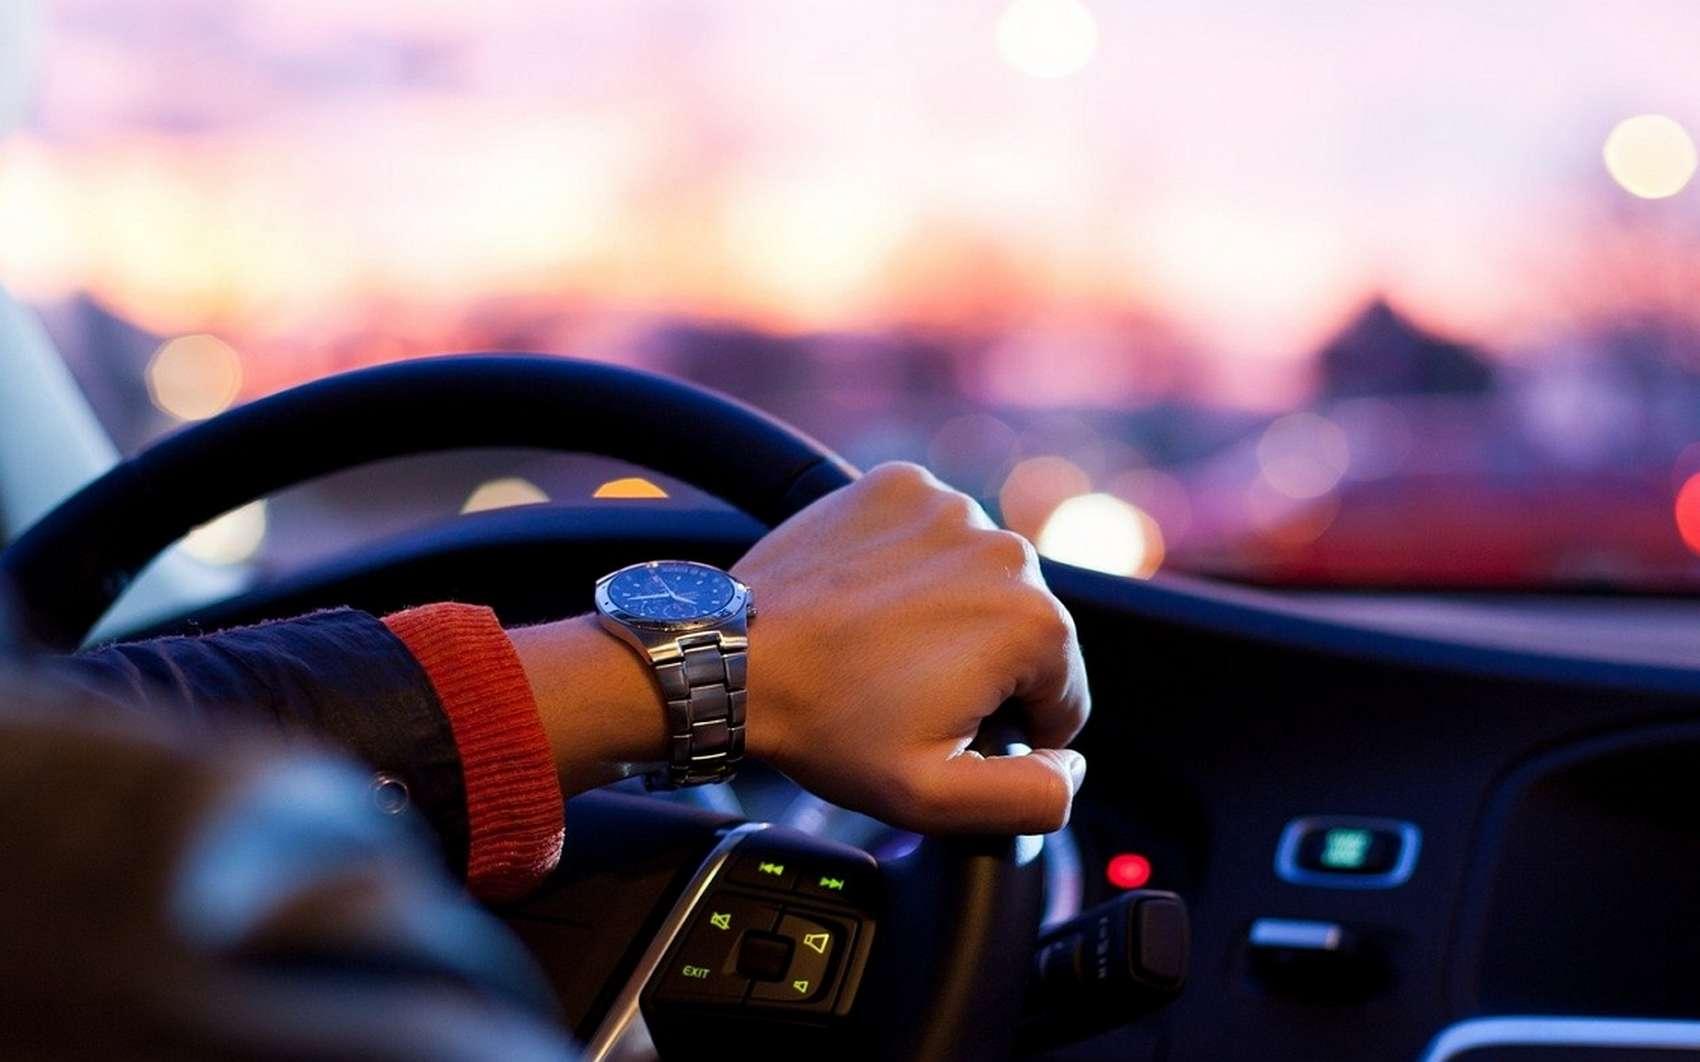 E85 : quelles voitures pour rouler au superéthanol ? @ Free-Photos by Pixabay